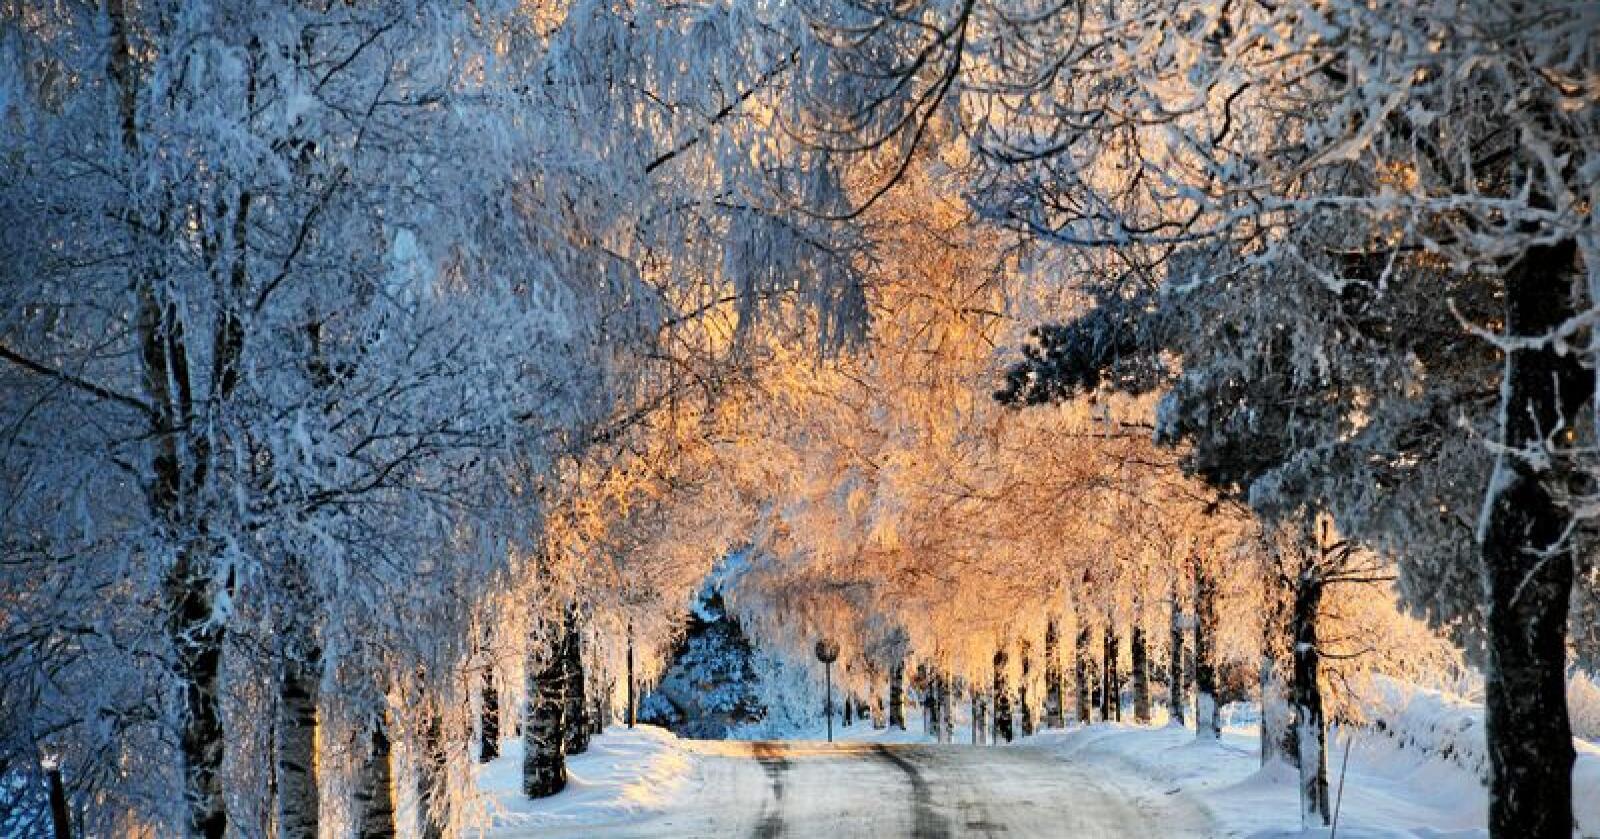 Norge er et annerledesland, med spredt bosetting, næringsutvikling og arbeidsplasser over hele landet. De økonomiske forskjellene er fortsatt nokså små. Vi har store muligheter for å skape gode liv over hele landet. Foto: Siri Juell Rasmussen